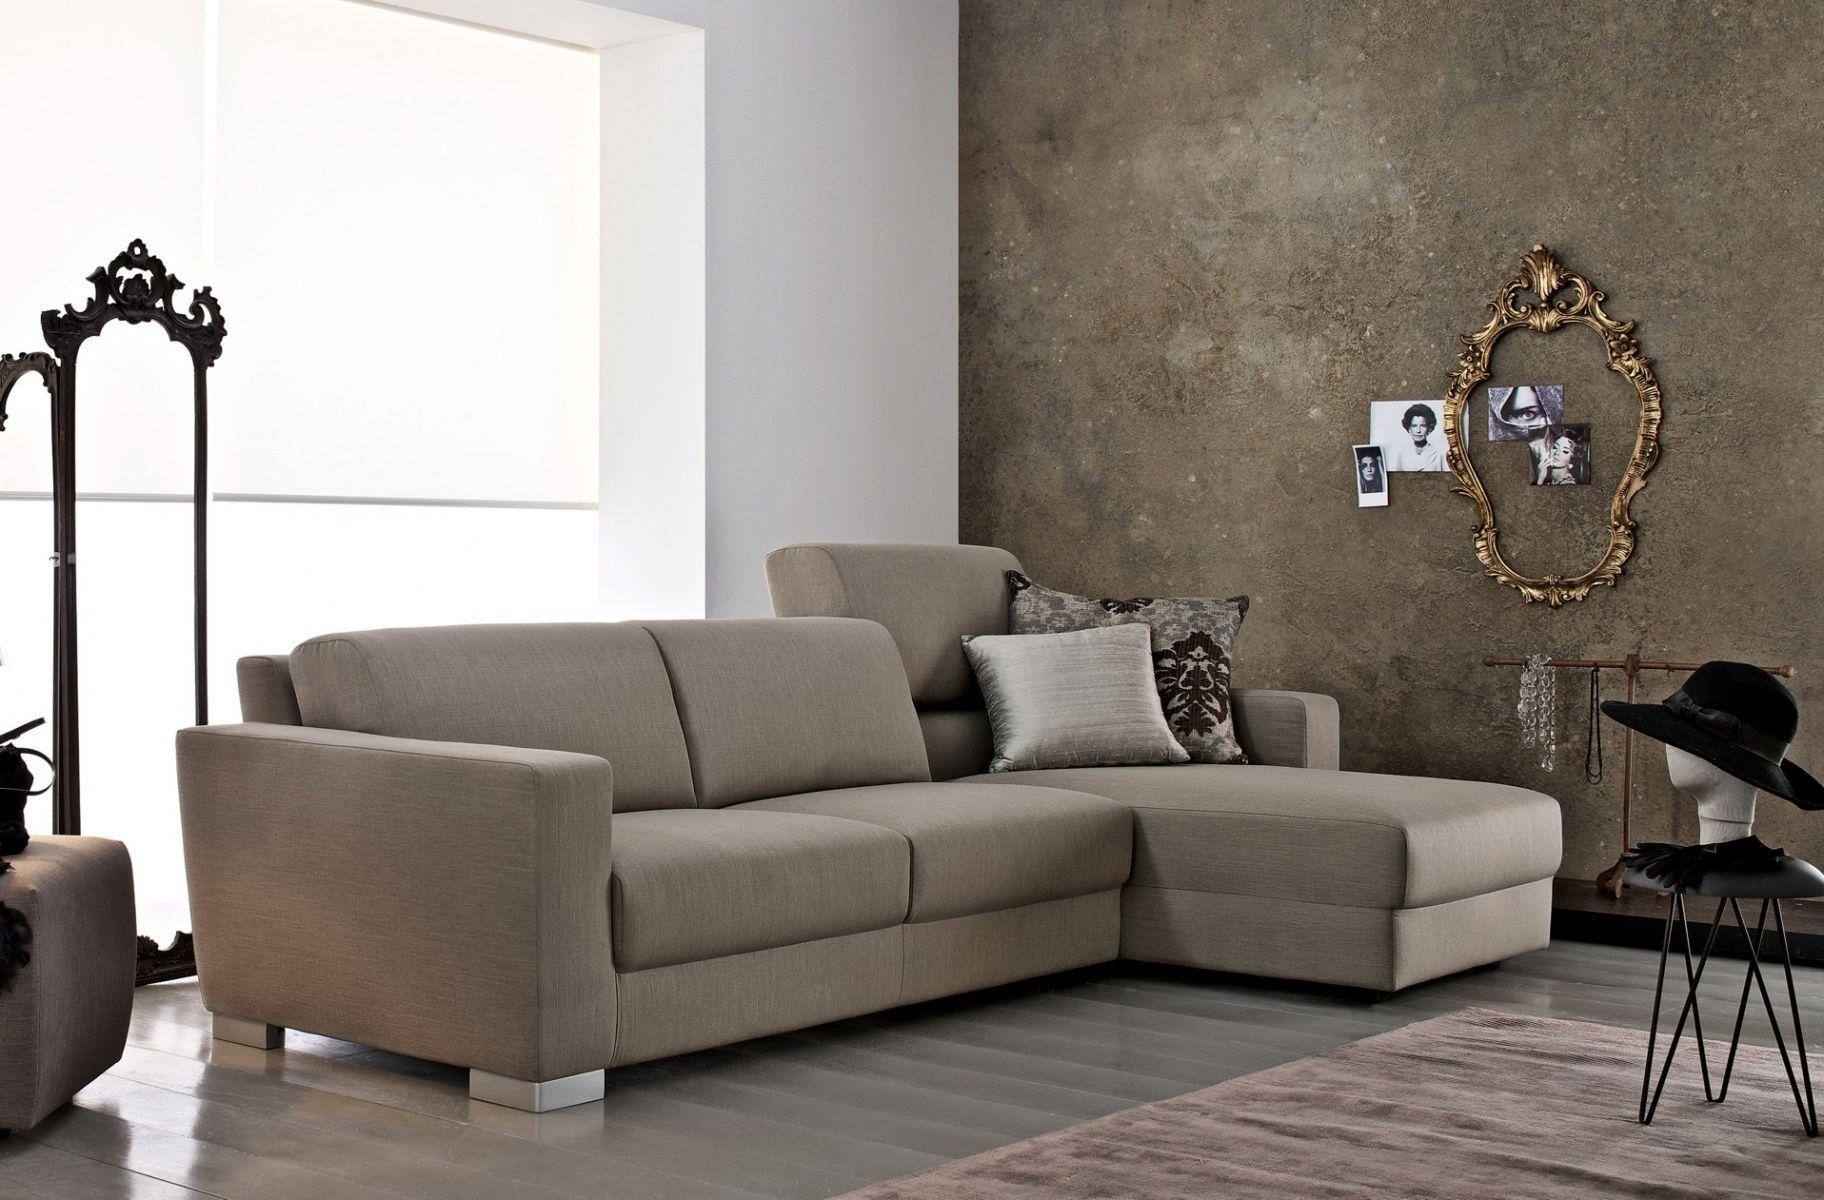 Rifoderare Divano ~ Azzurro polvere per il rivestimento in pelle del divano e il